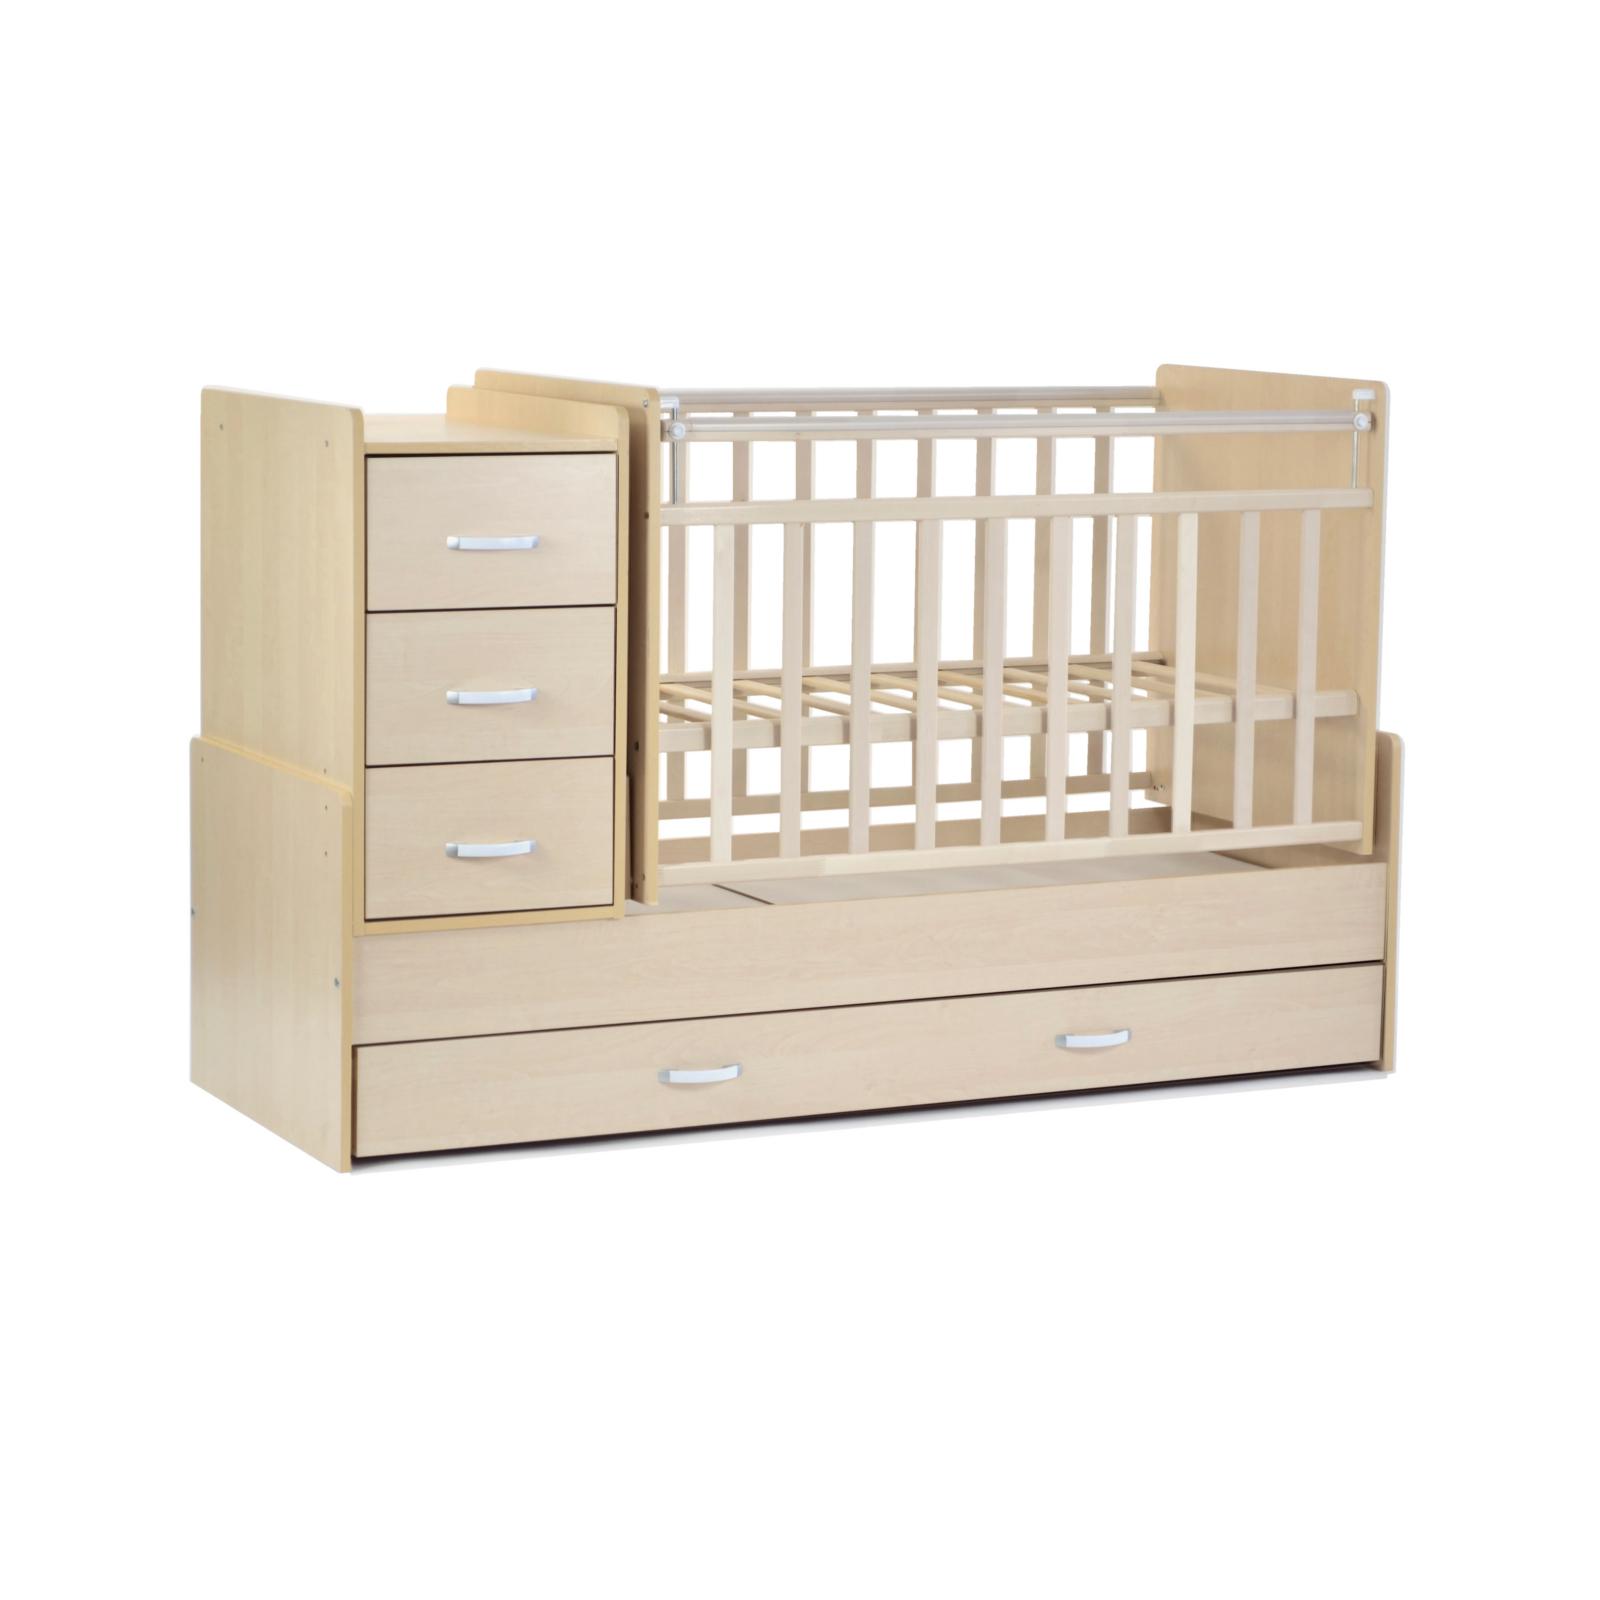 Кроватка-трансформер СКВ-компани, 53403 береза